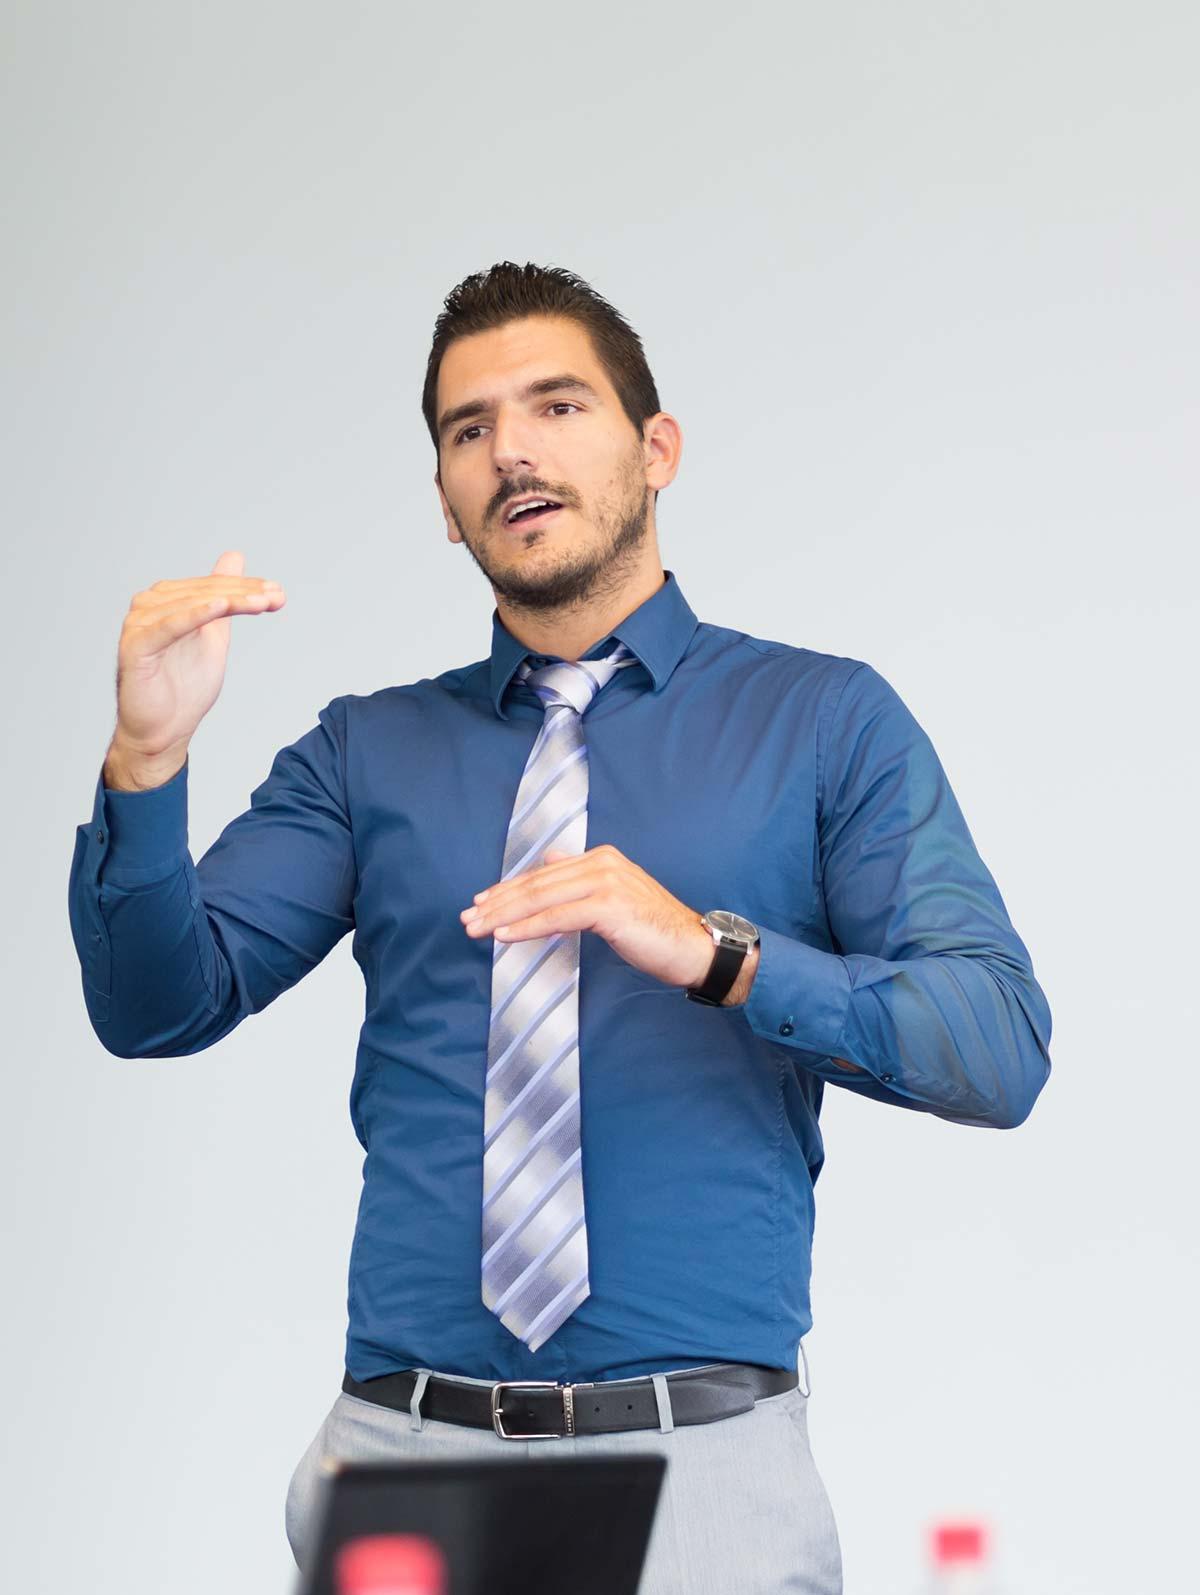 Homme d'affaires en chemise et cravate, présente des informations